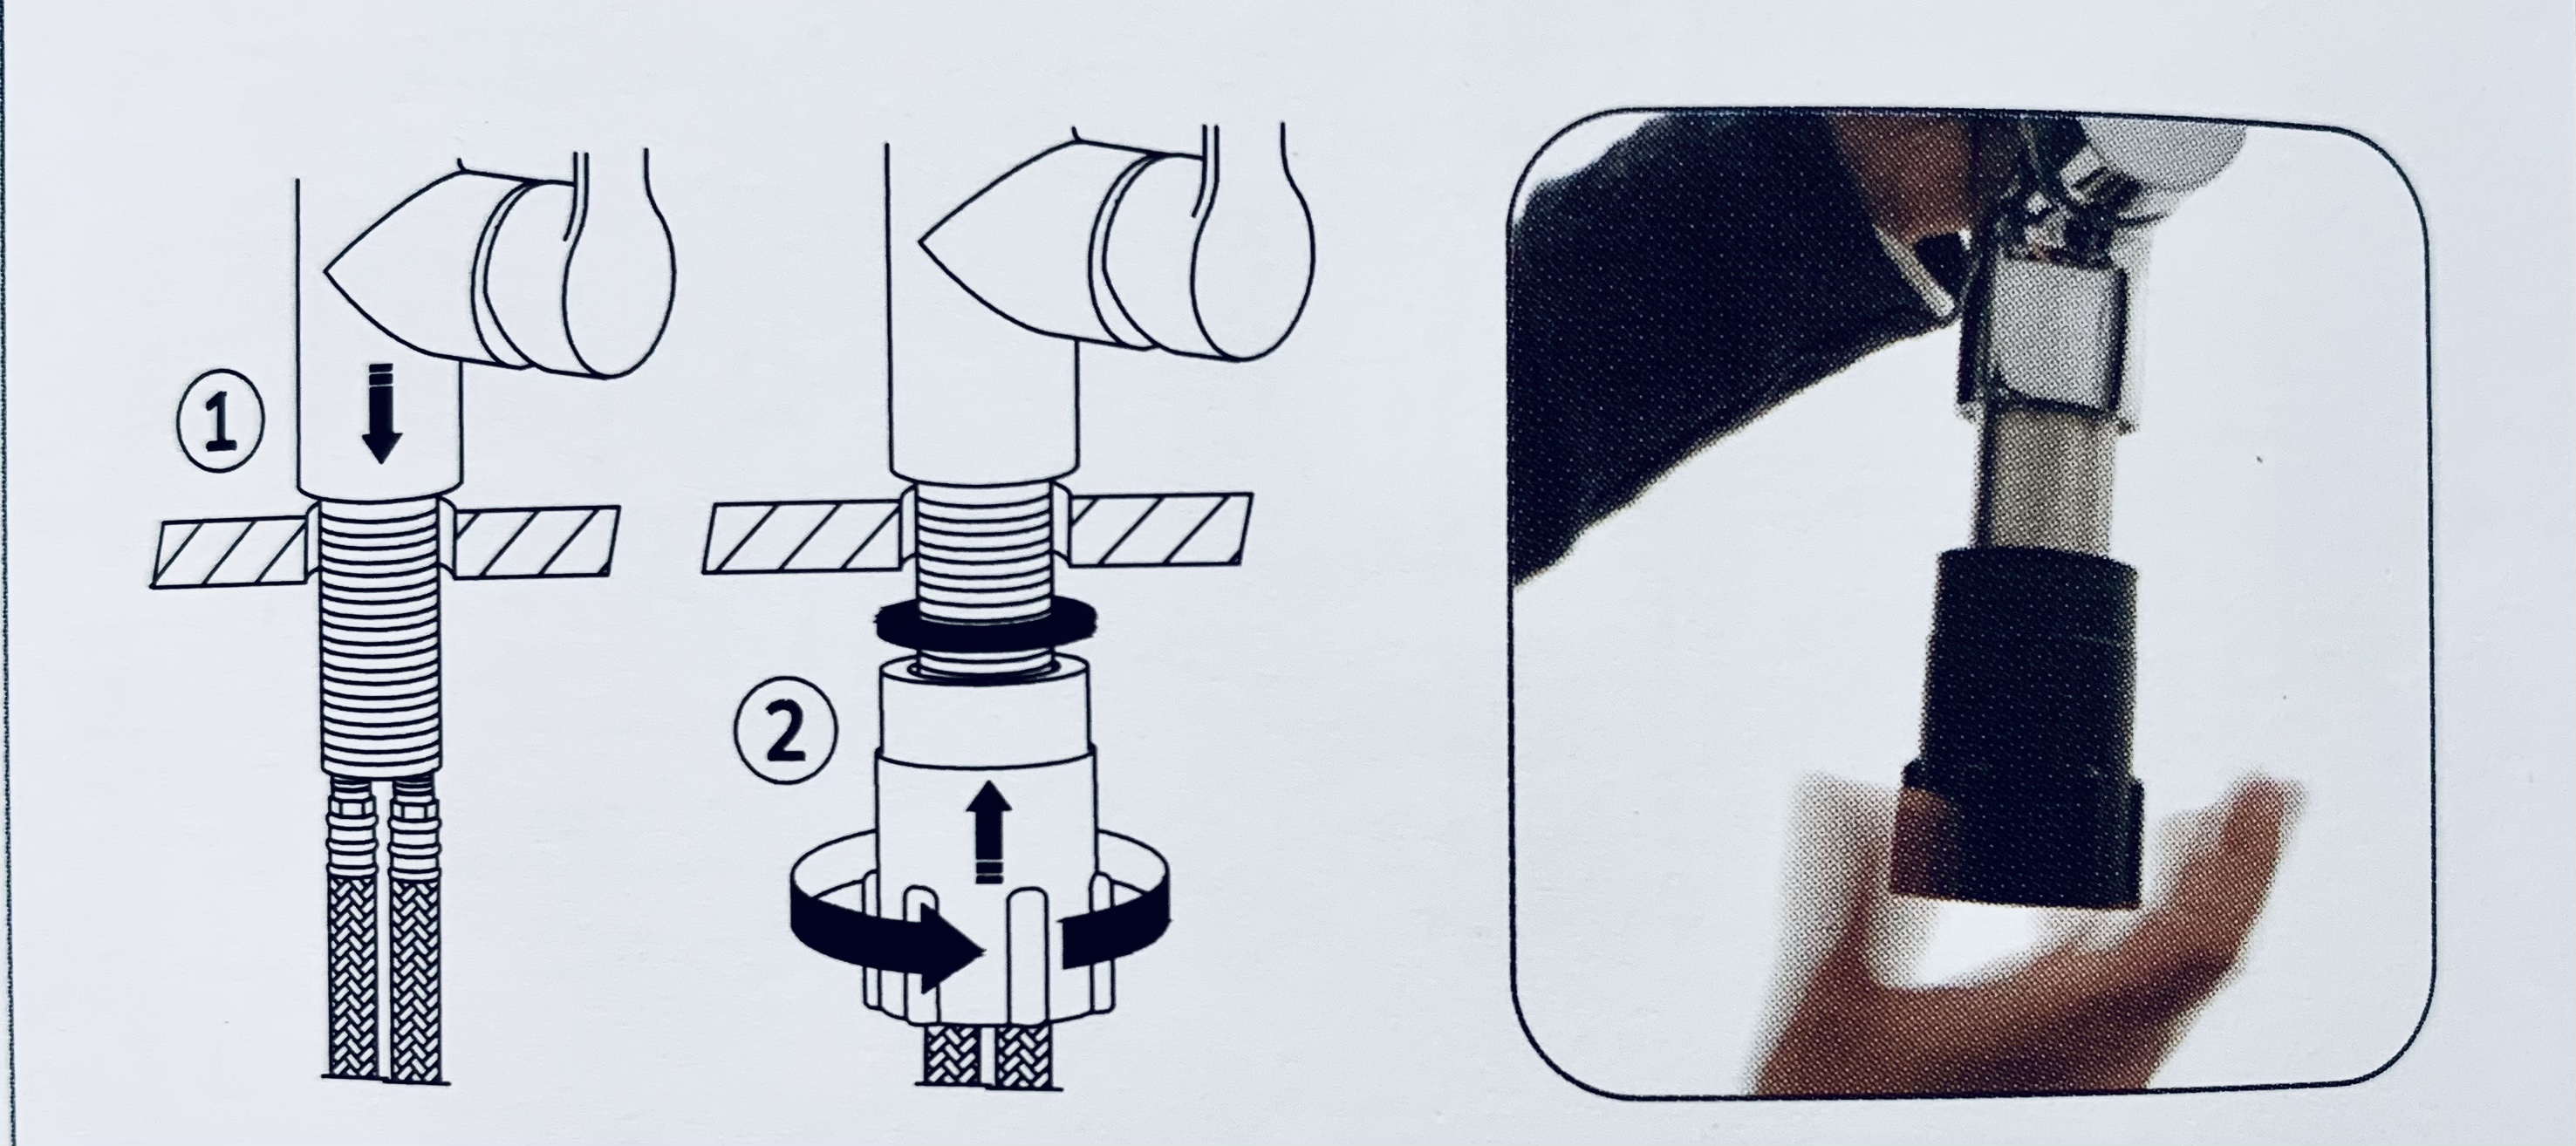 Installation mitigeur 3 voies.jpg